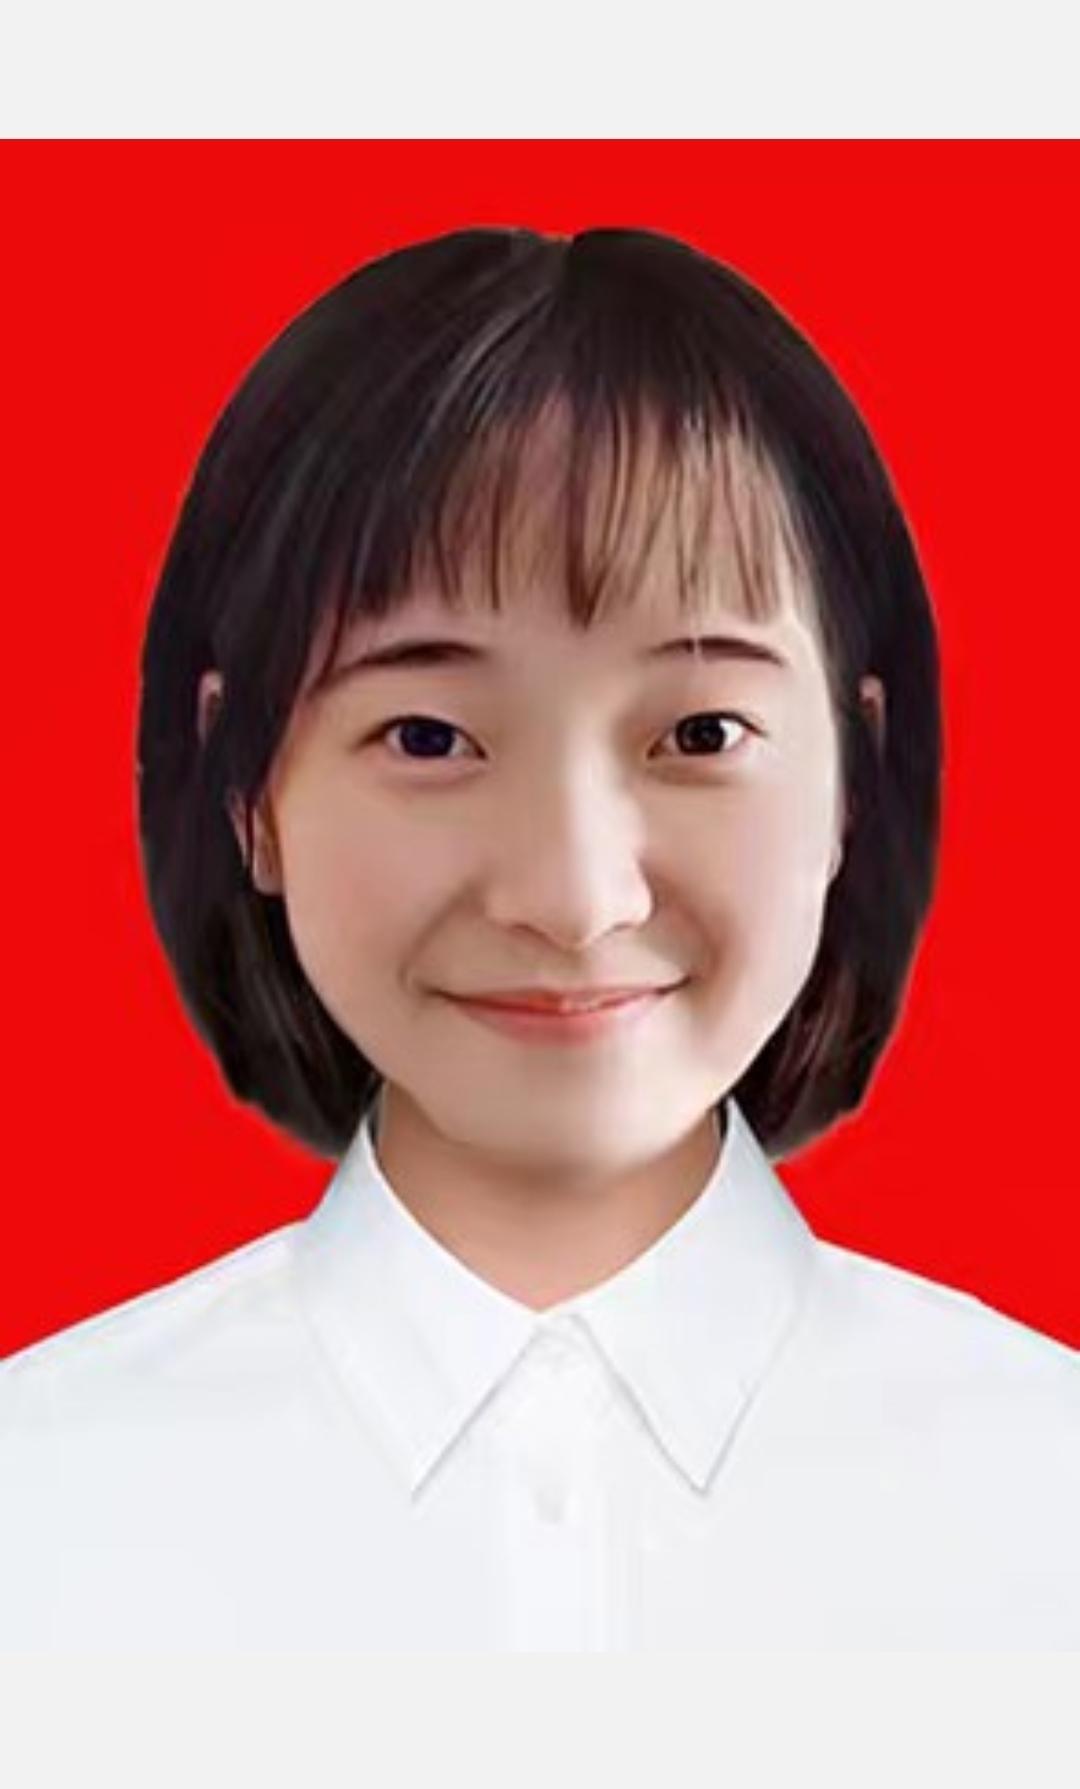 重庆家教陈教员